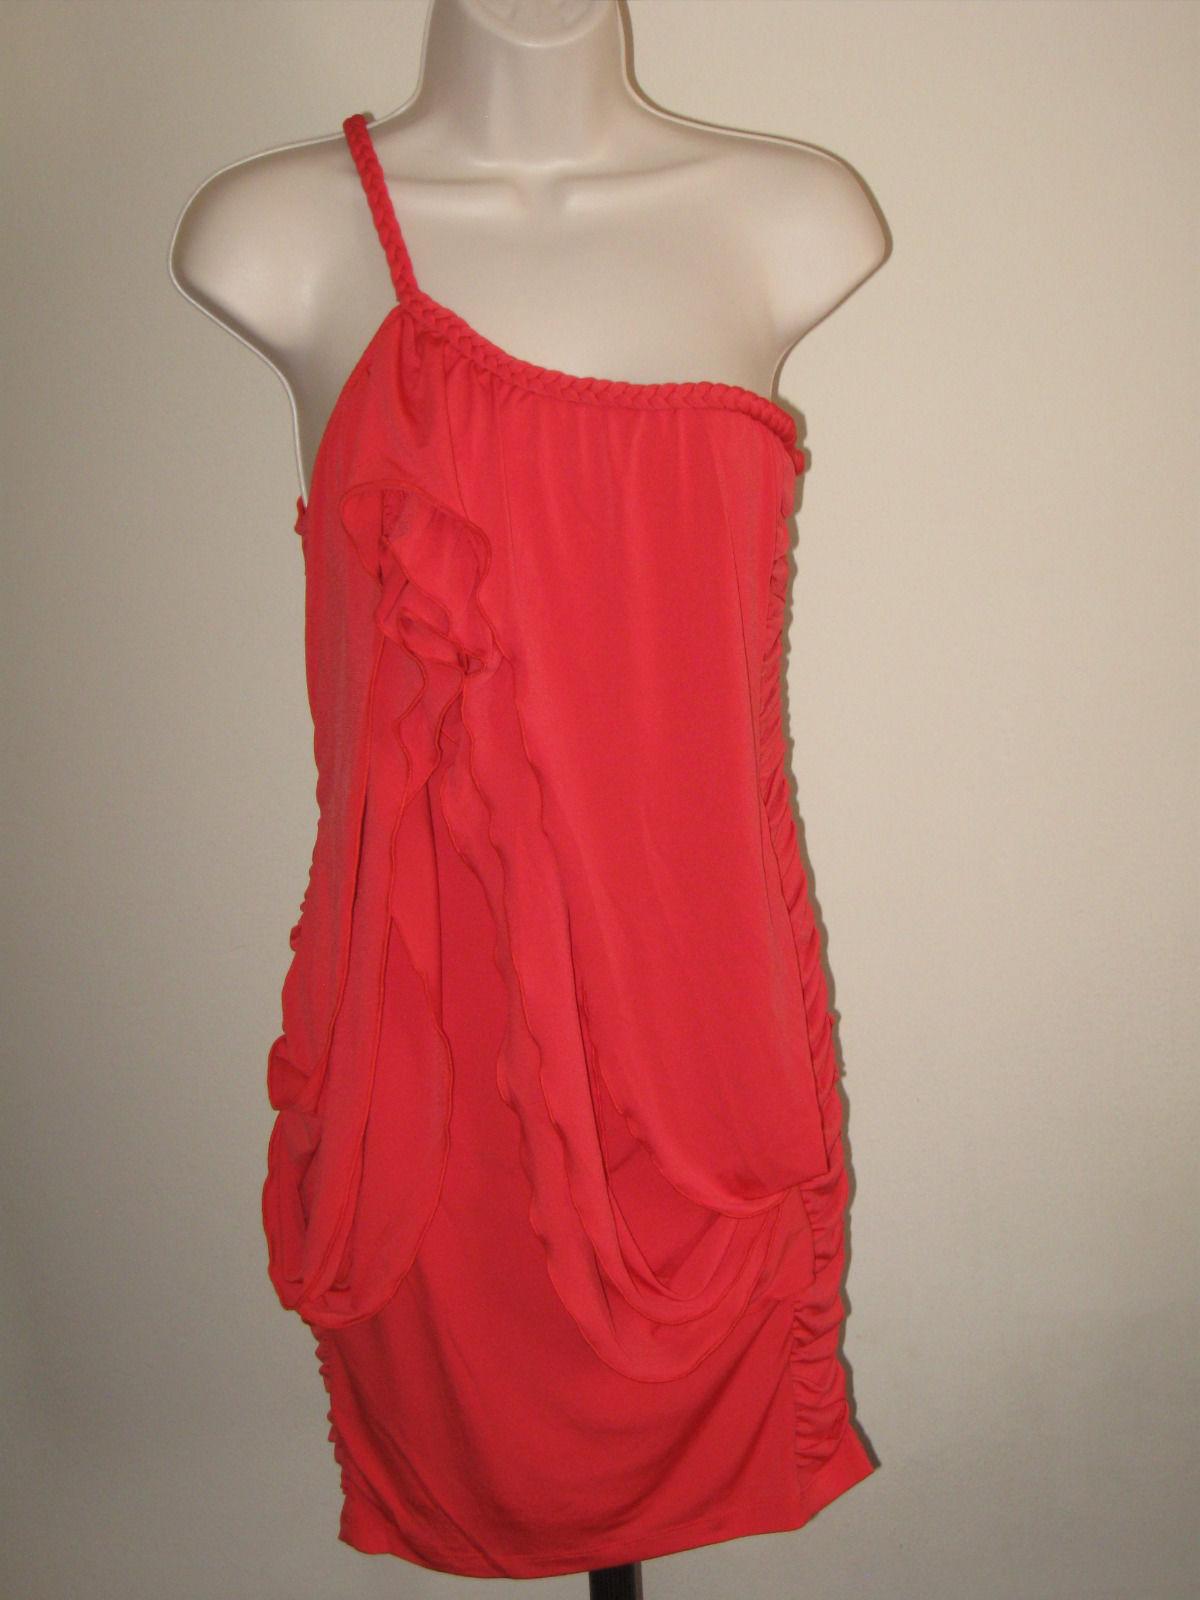 a988a1208fef Size L Darling NIKIBIKI One Shoulder Peach and 43 similar items